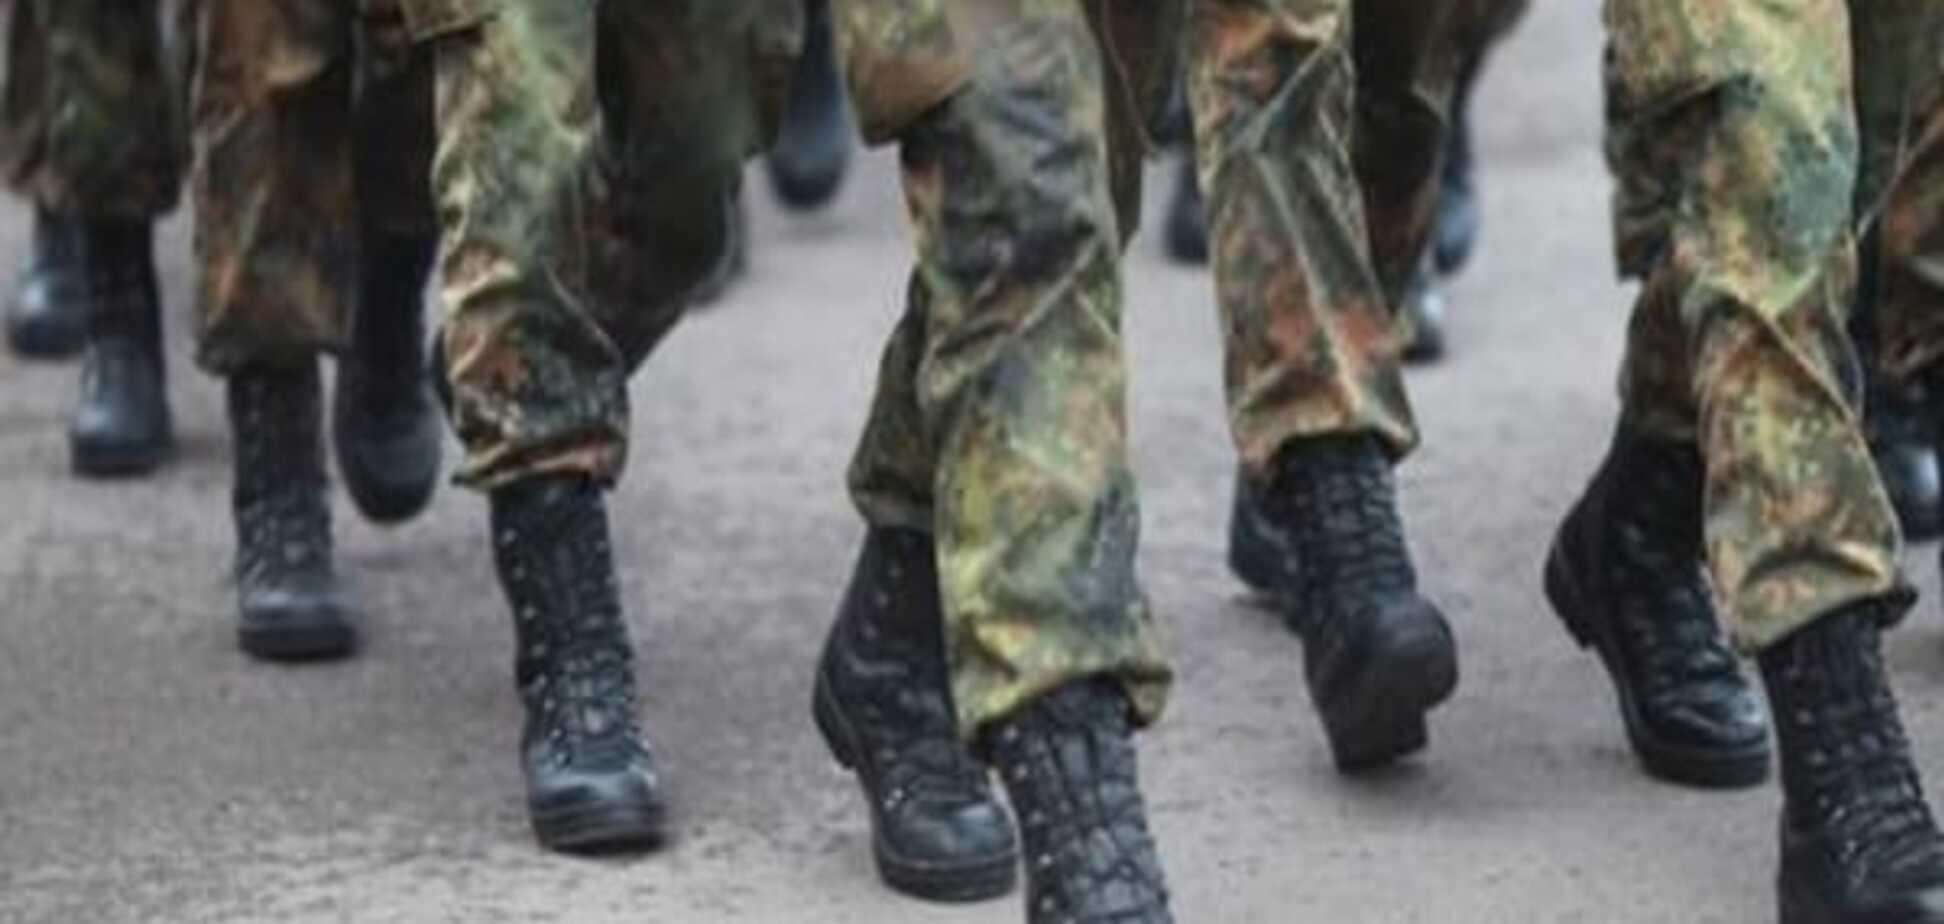 Військові Німеччини хочуть збільшення чисельності Бундесверу через операцію в Сирії